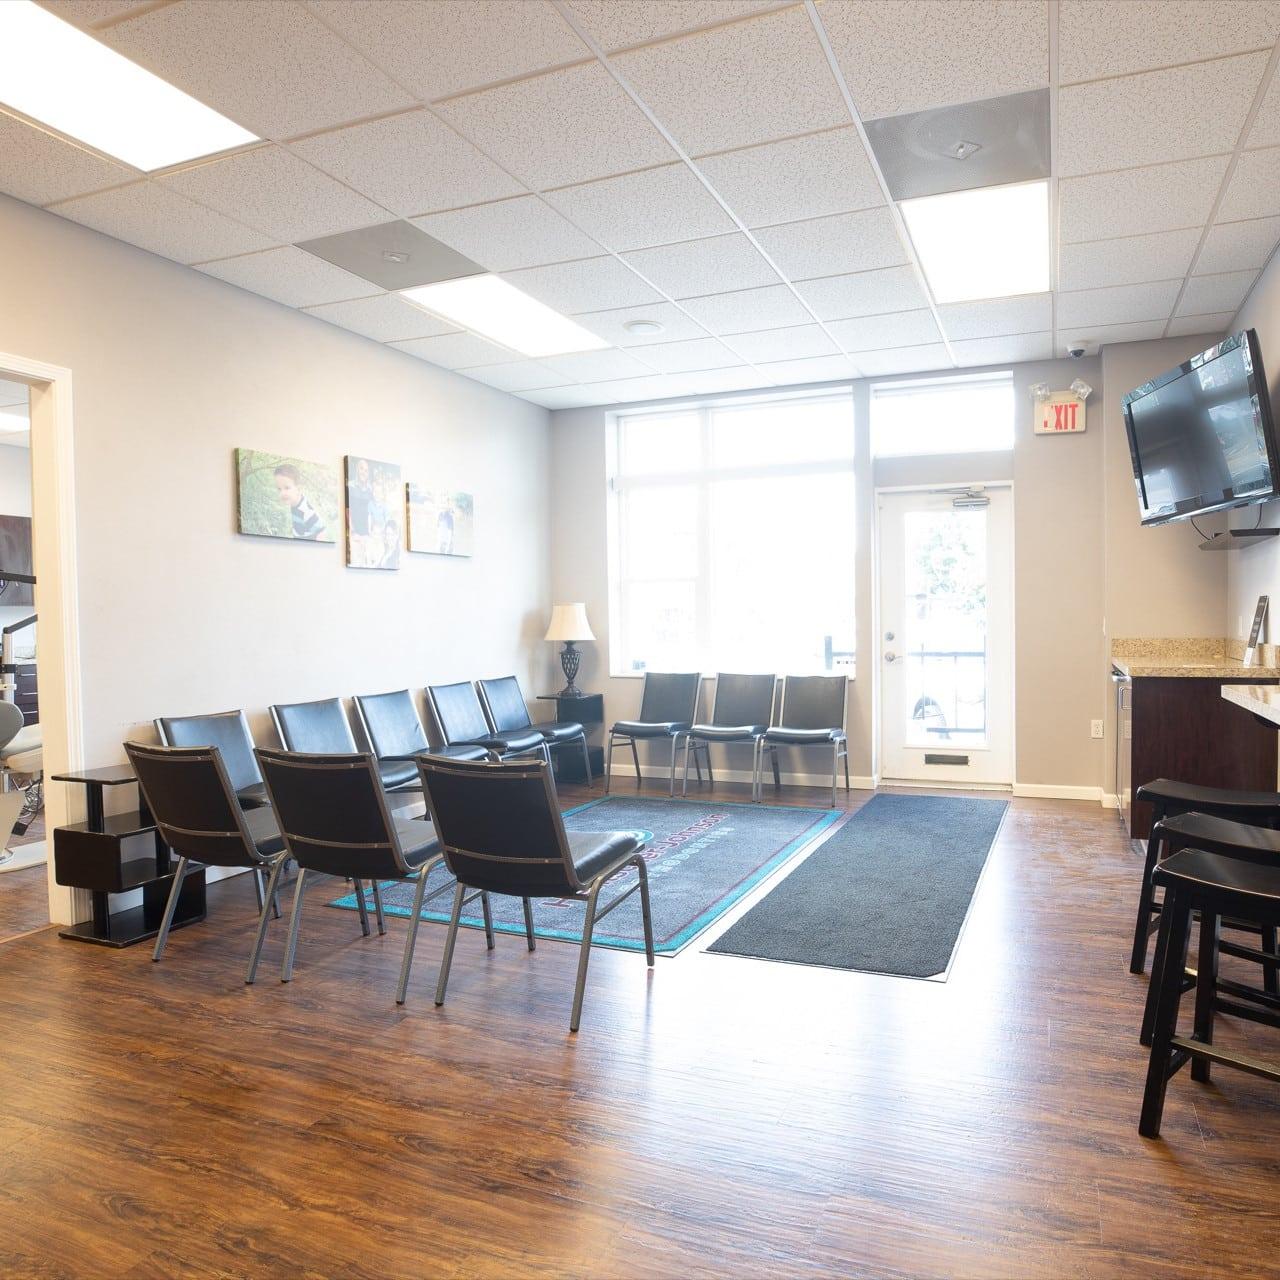 Hentscher Johnson Orthodontics Waterloo Illinois Office9 square - Tour Our Offices - Hentscher-Johnson Orthodontics